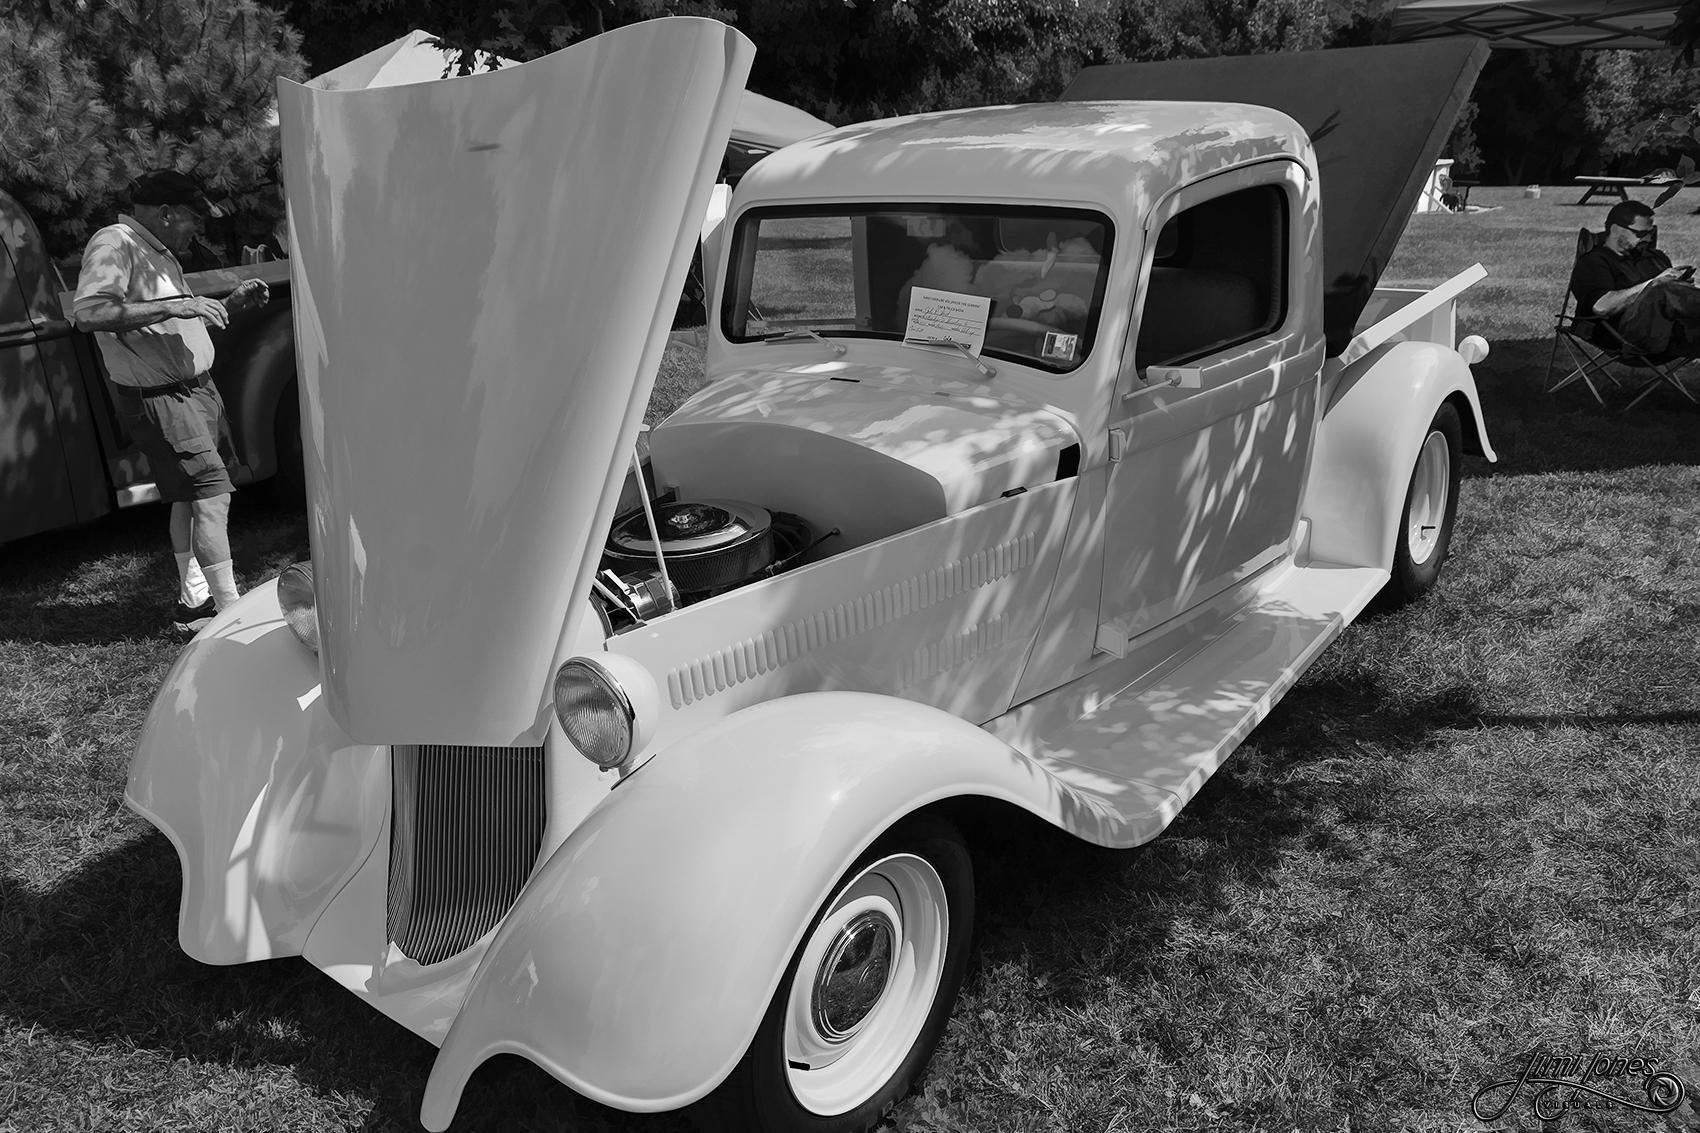 1935 Dodge Pickup - B&W.jpg